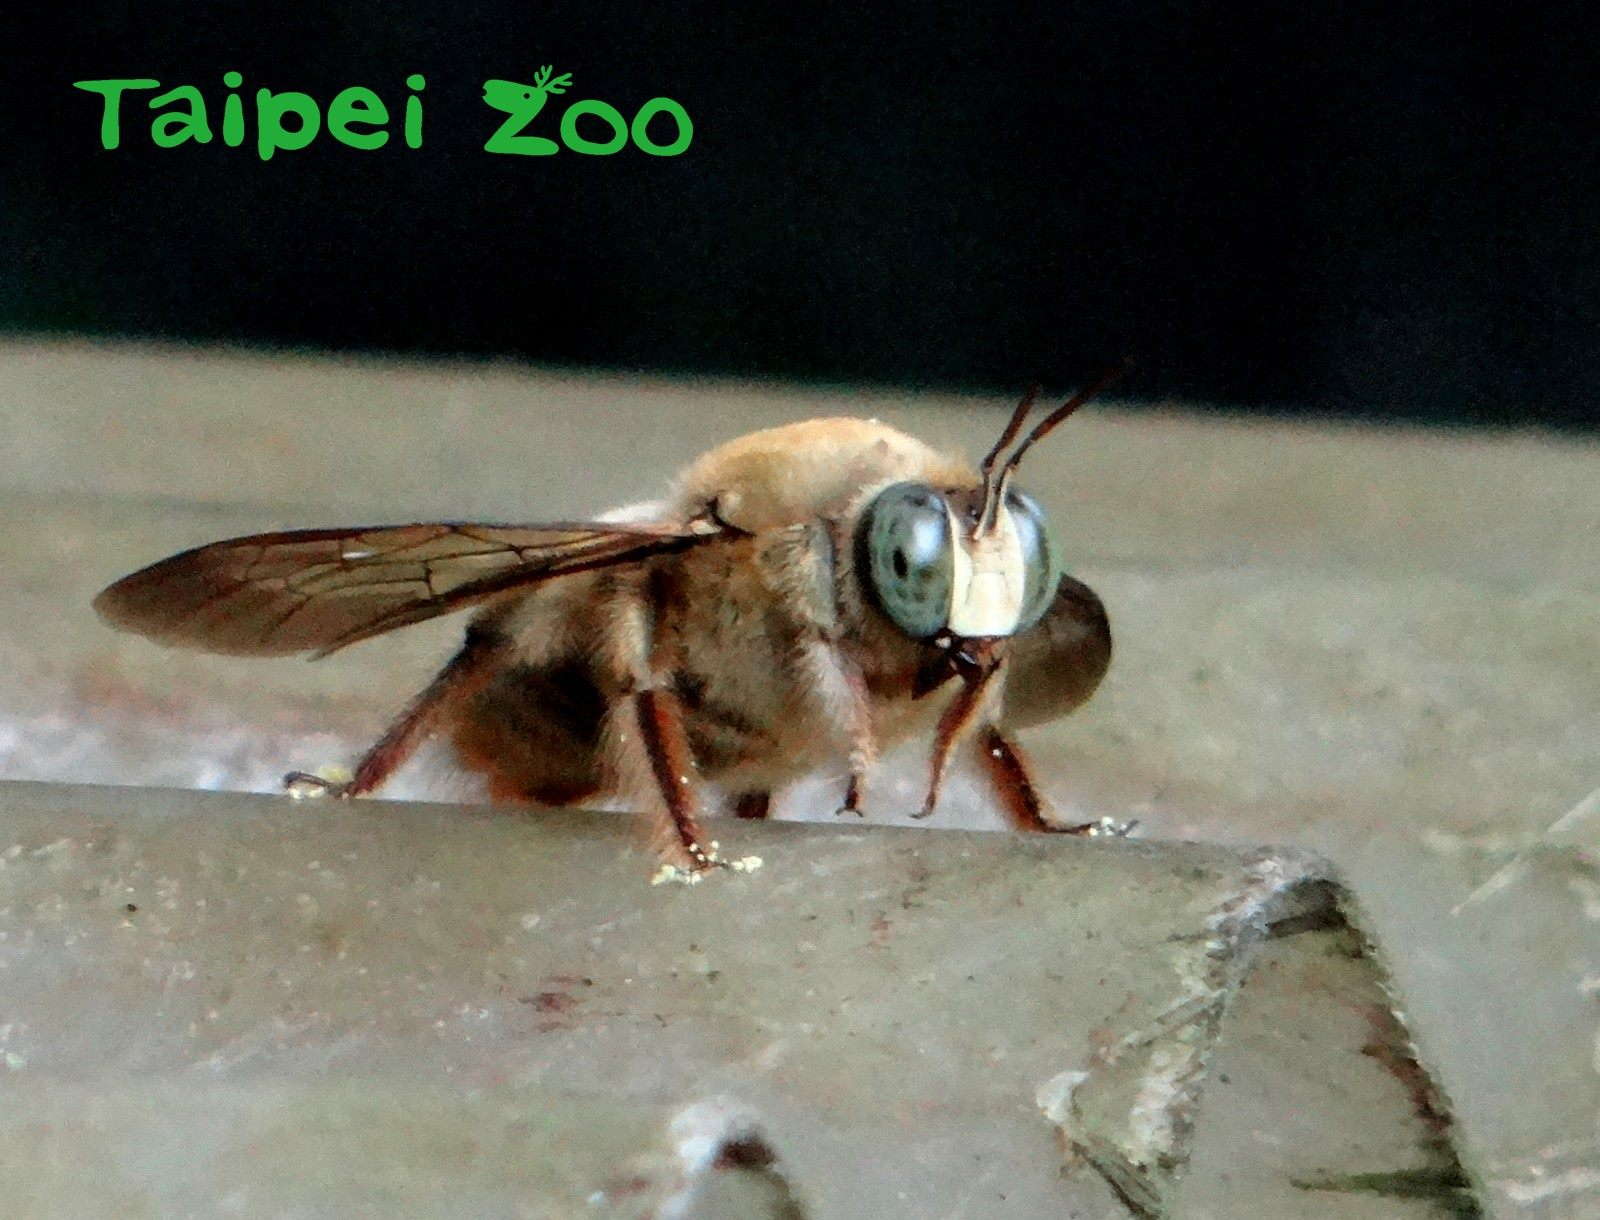 近幾年因為農藥、氣候變遷等關係,造成蜜蜂大量死亡的情況產生